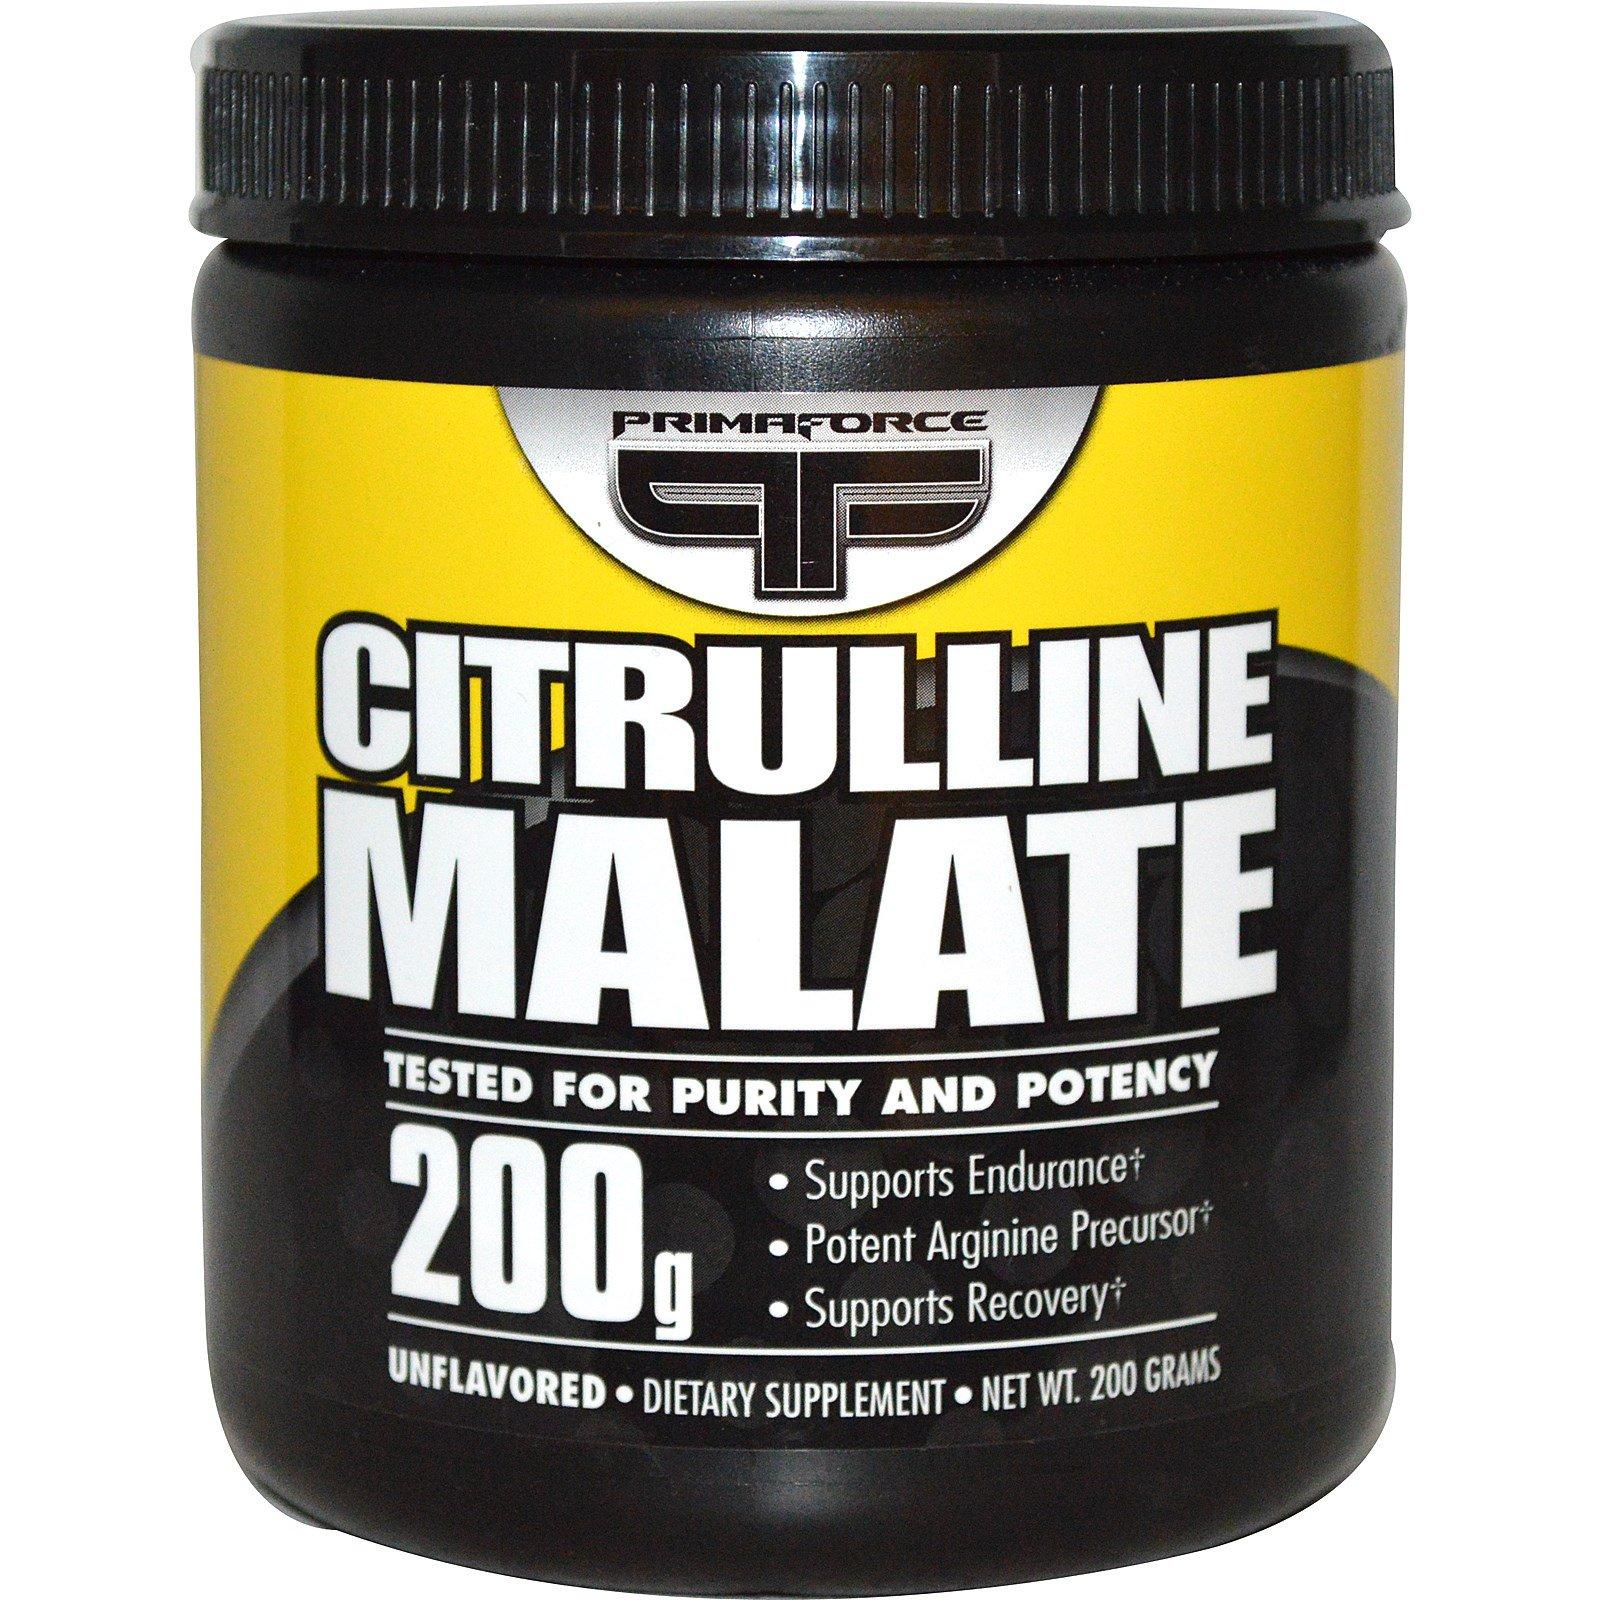 Primaforce, Citrulline Malate, Unflavored, 200 g